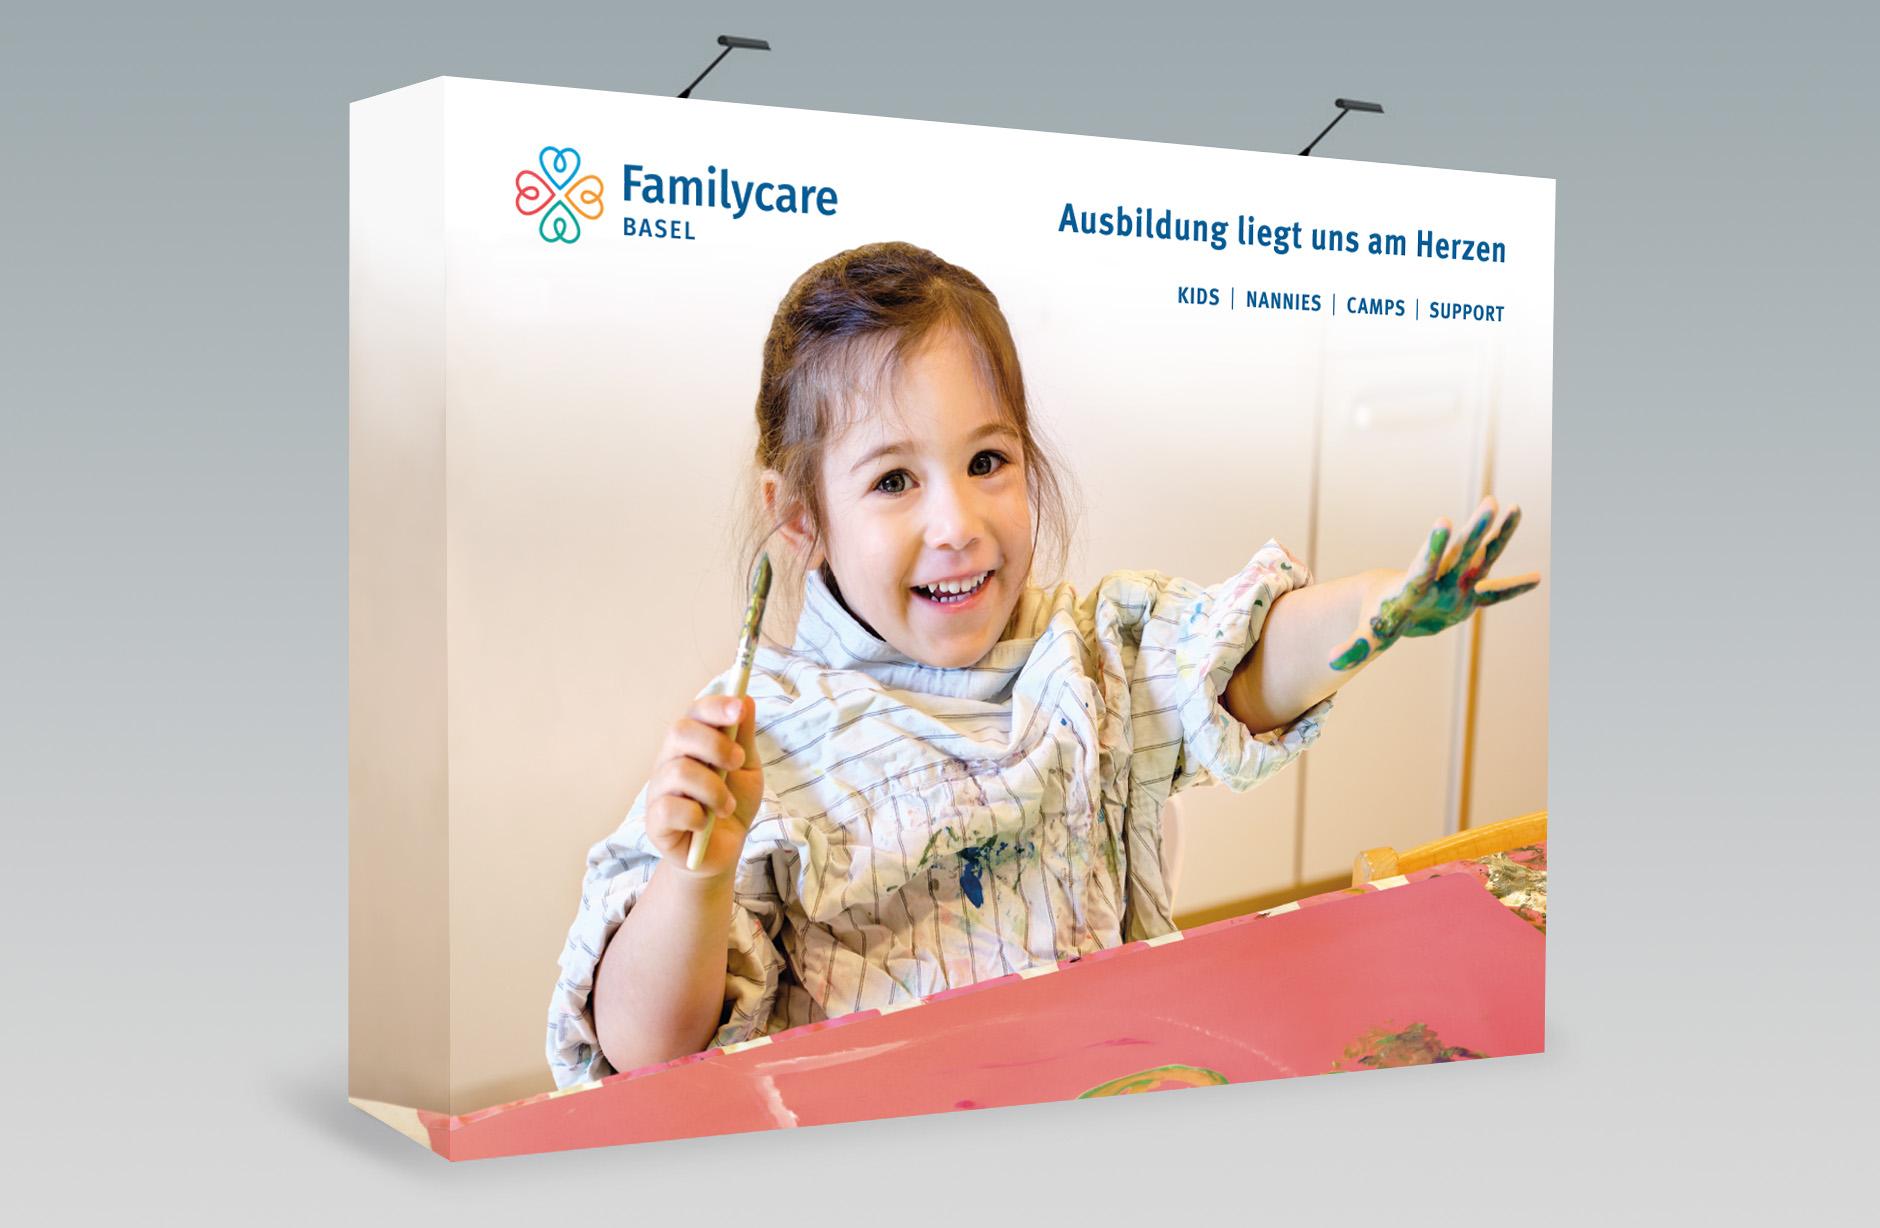 Familycare Basel Messewand